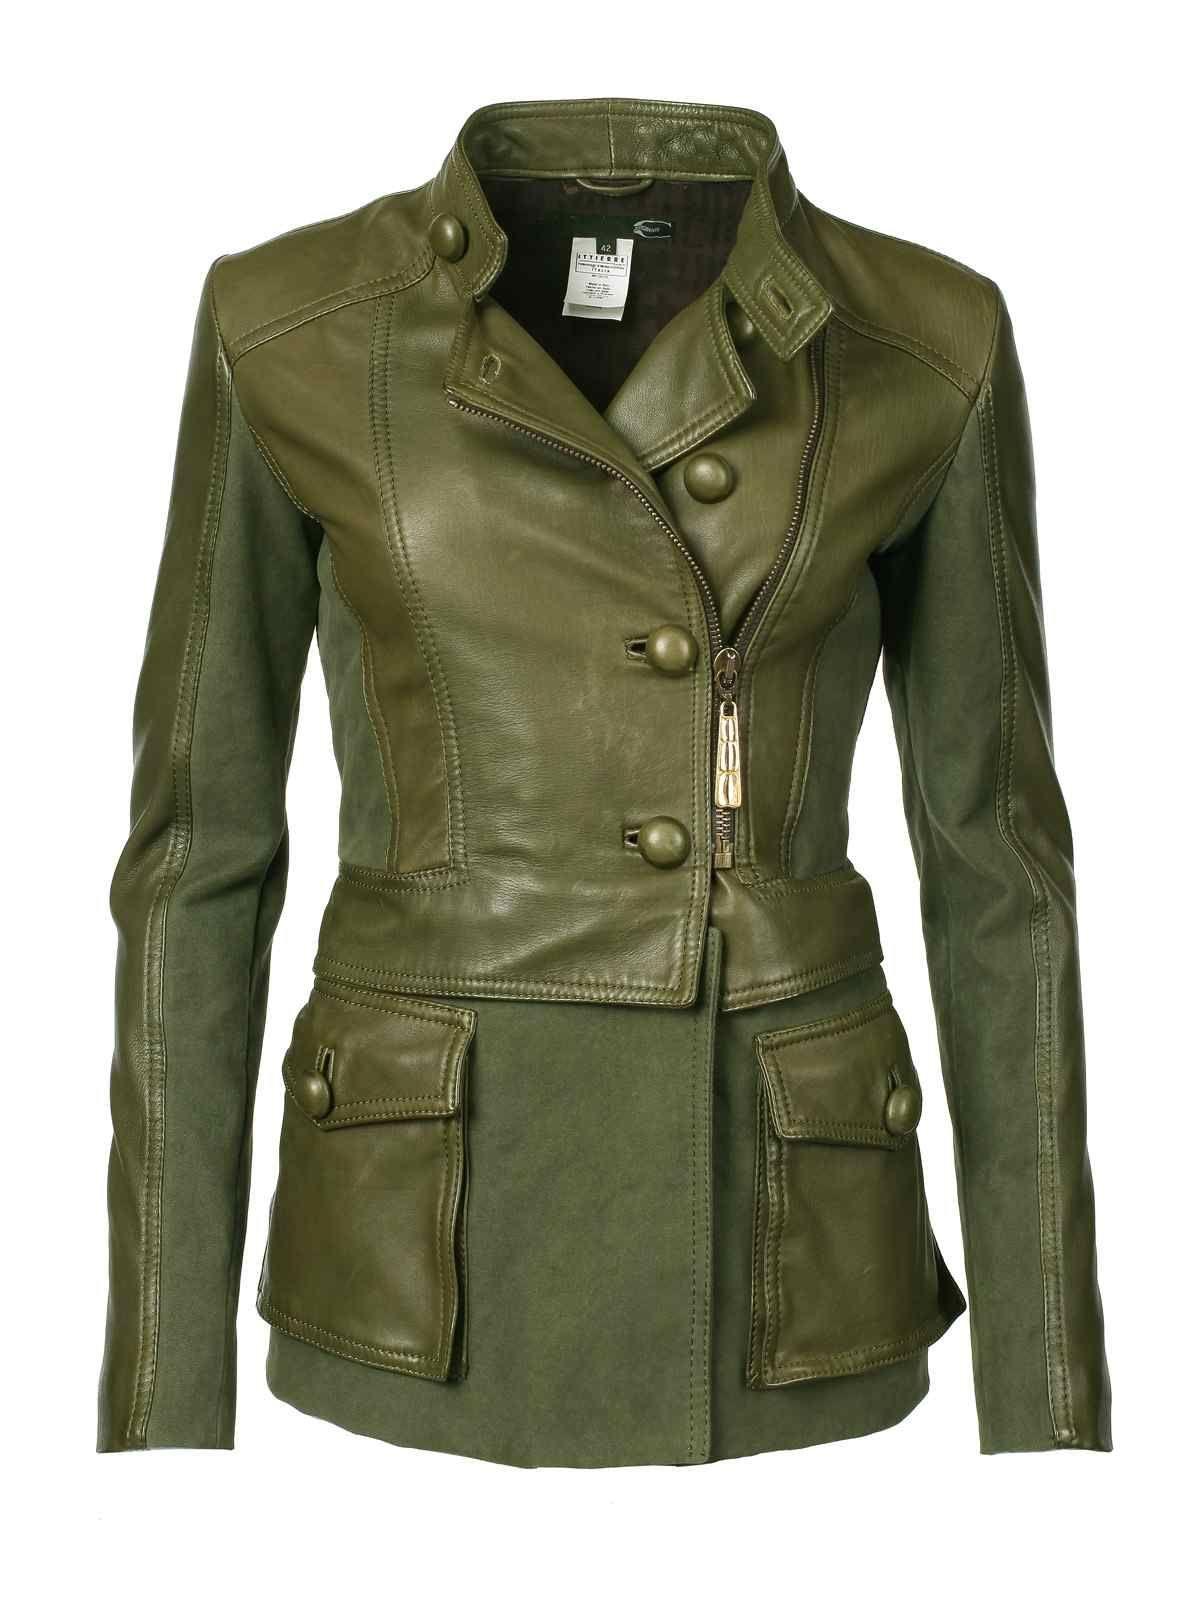 Just Cavalli Jacket olive    $579    Olive Just Cavalli Jacket  Material: Leather , Cotton